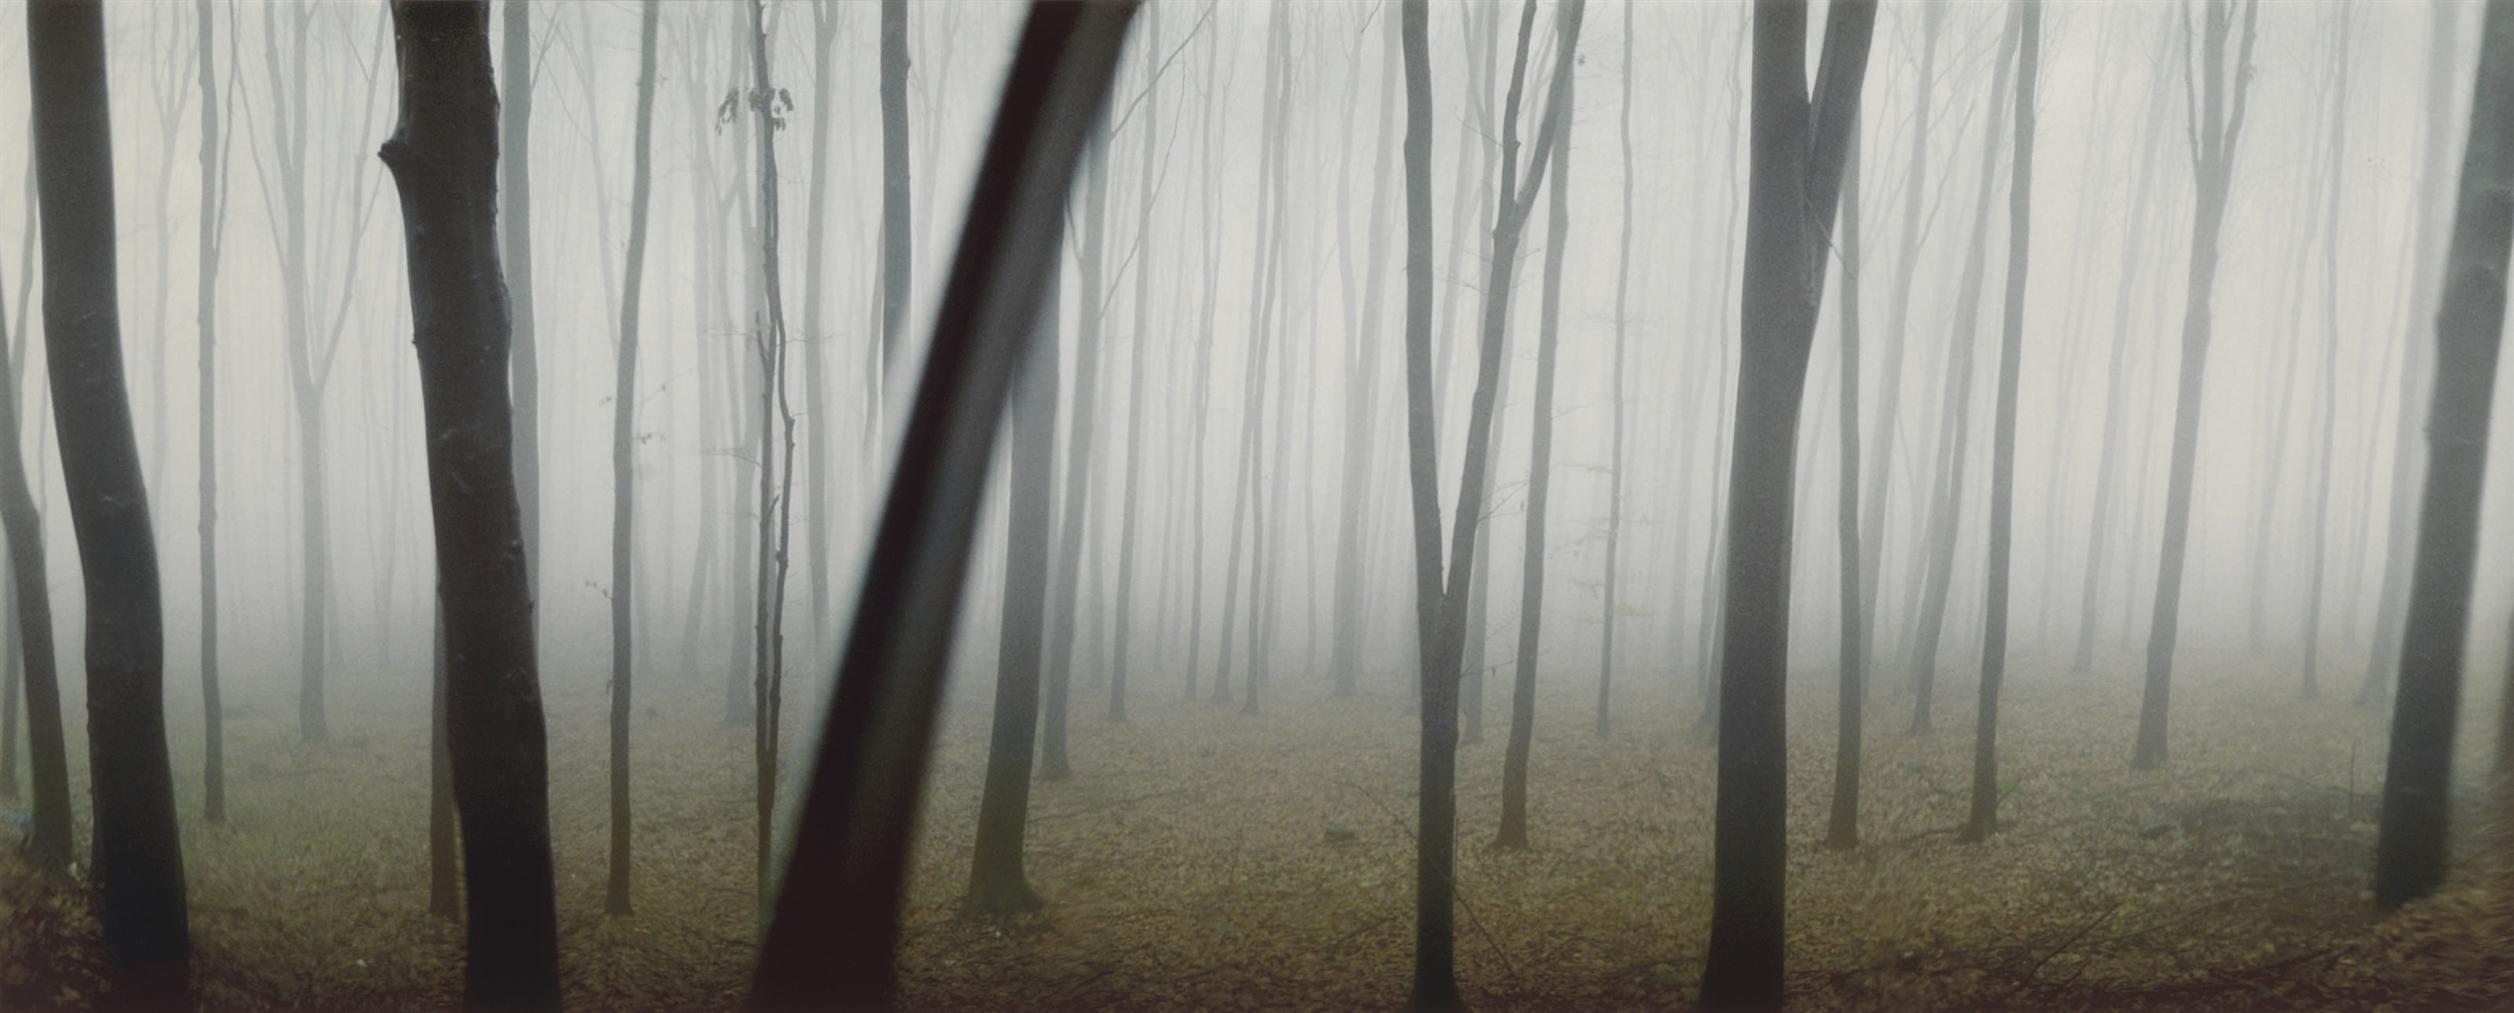 Sylvia Plachy - Transylvanian Woods-2001